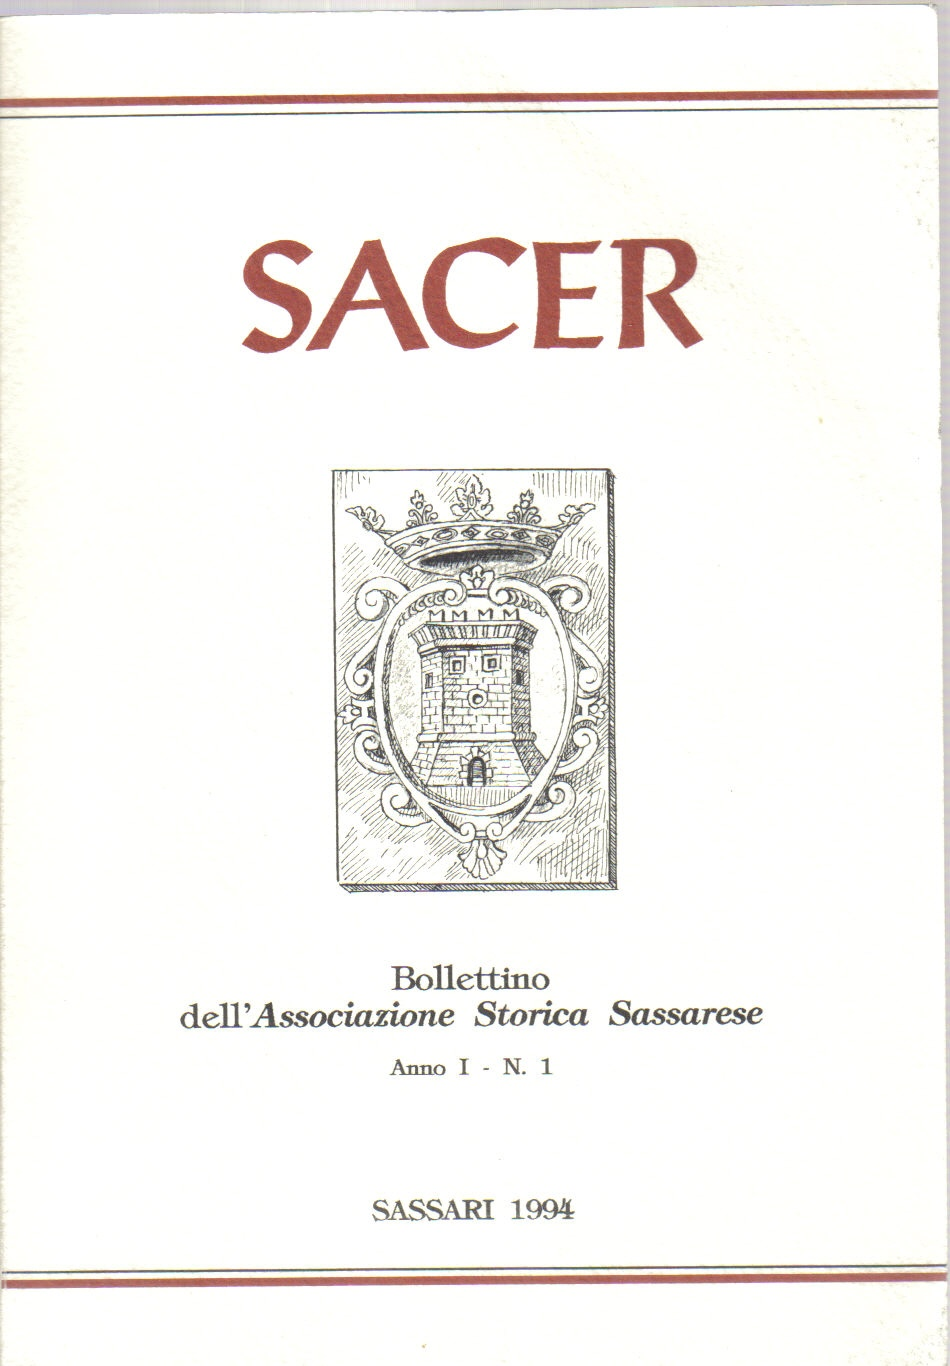 Sacer gavazana